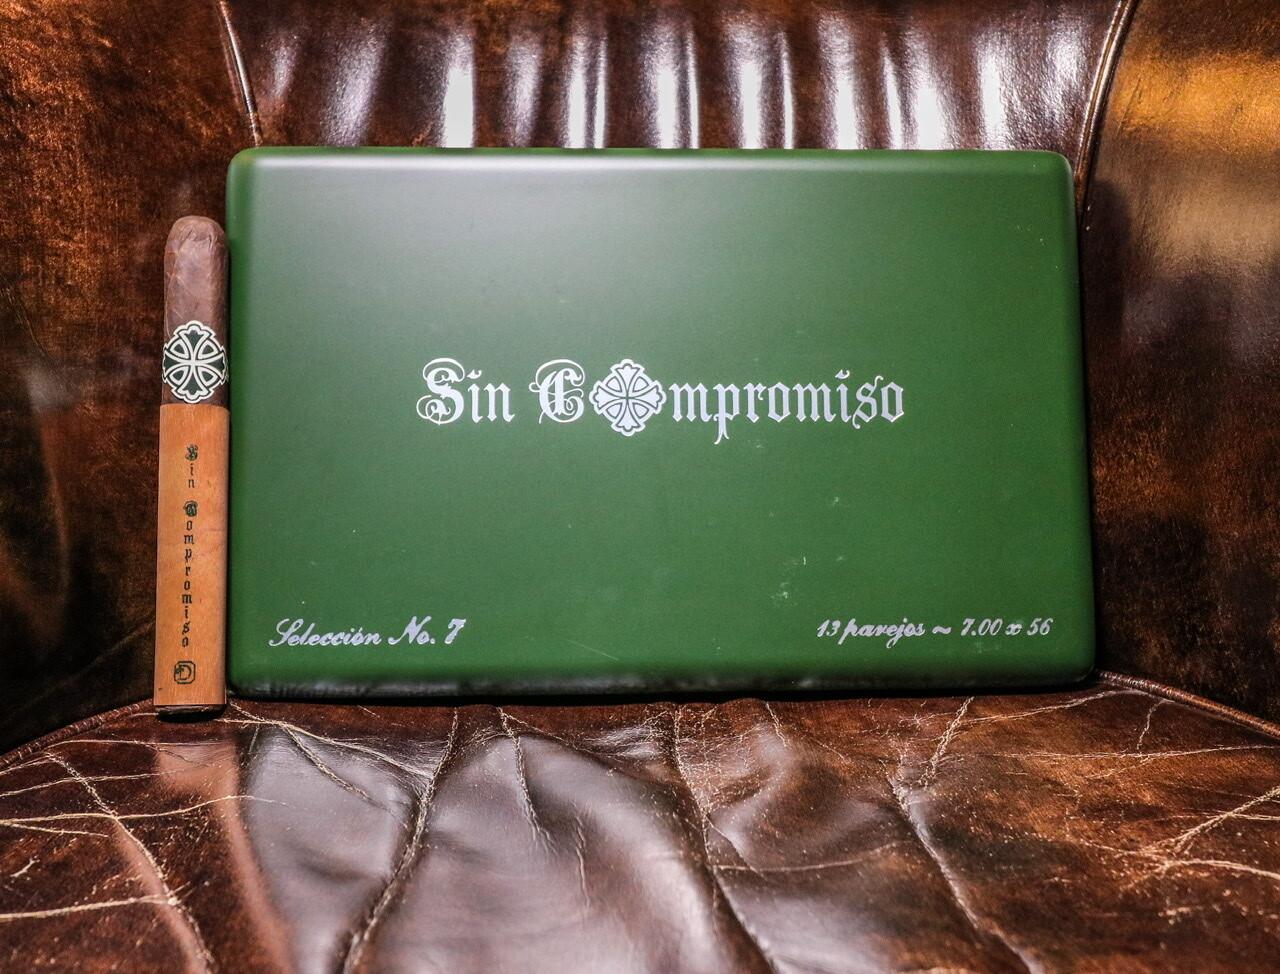 DTT Sin Compromiso Seleccion No. 7 Parejo 7x56, 13's